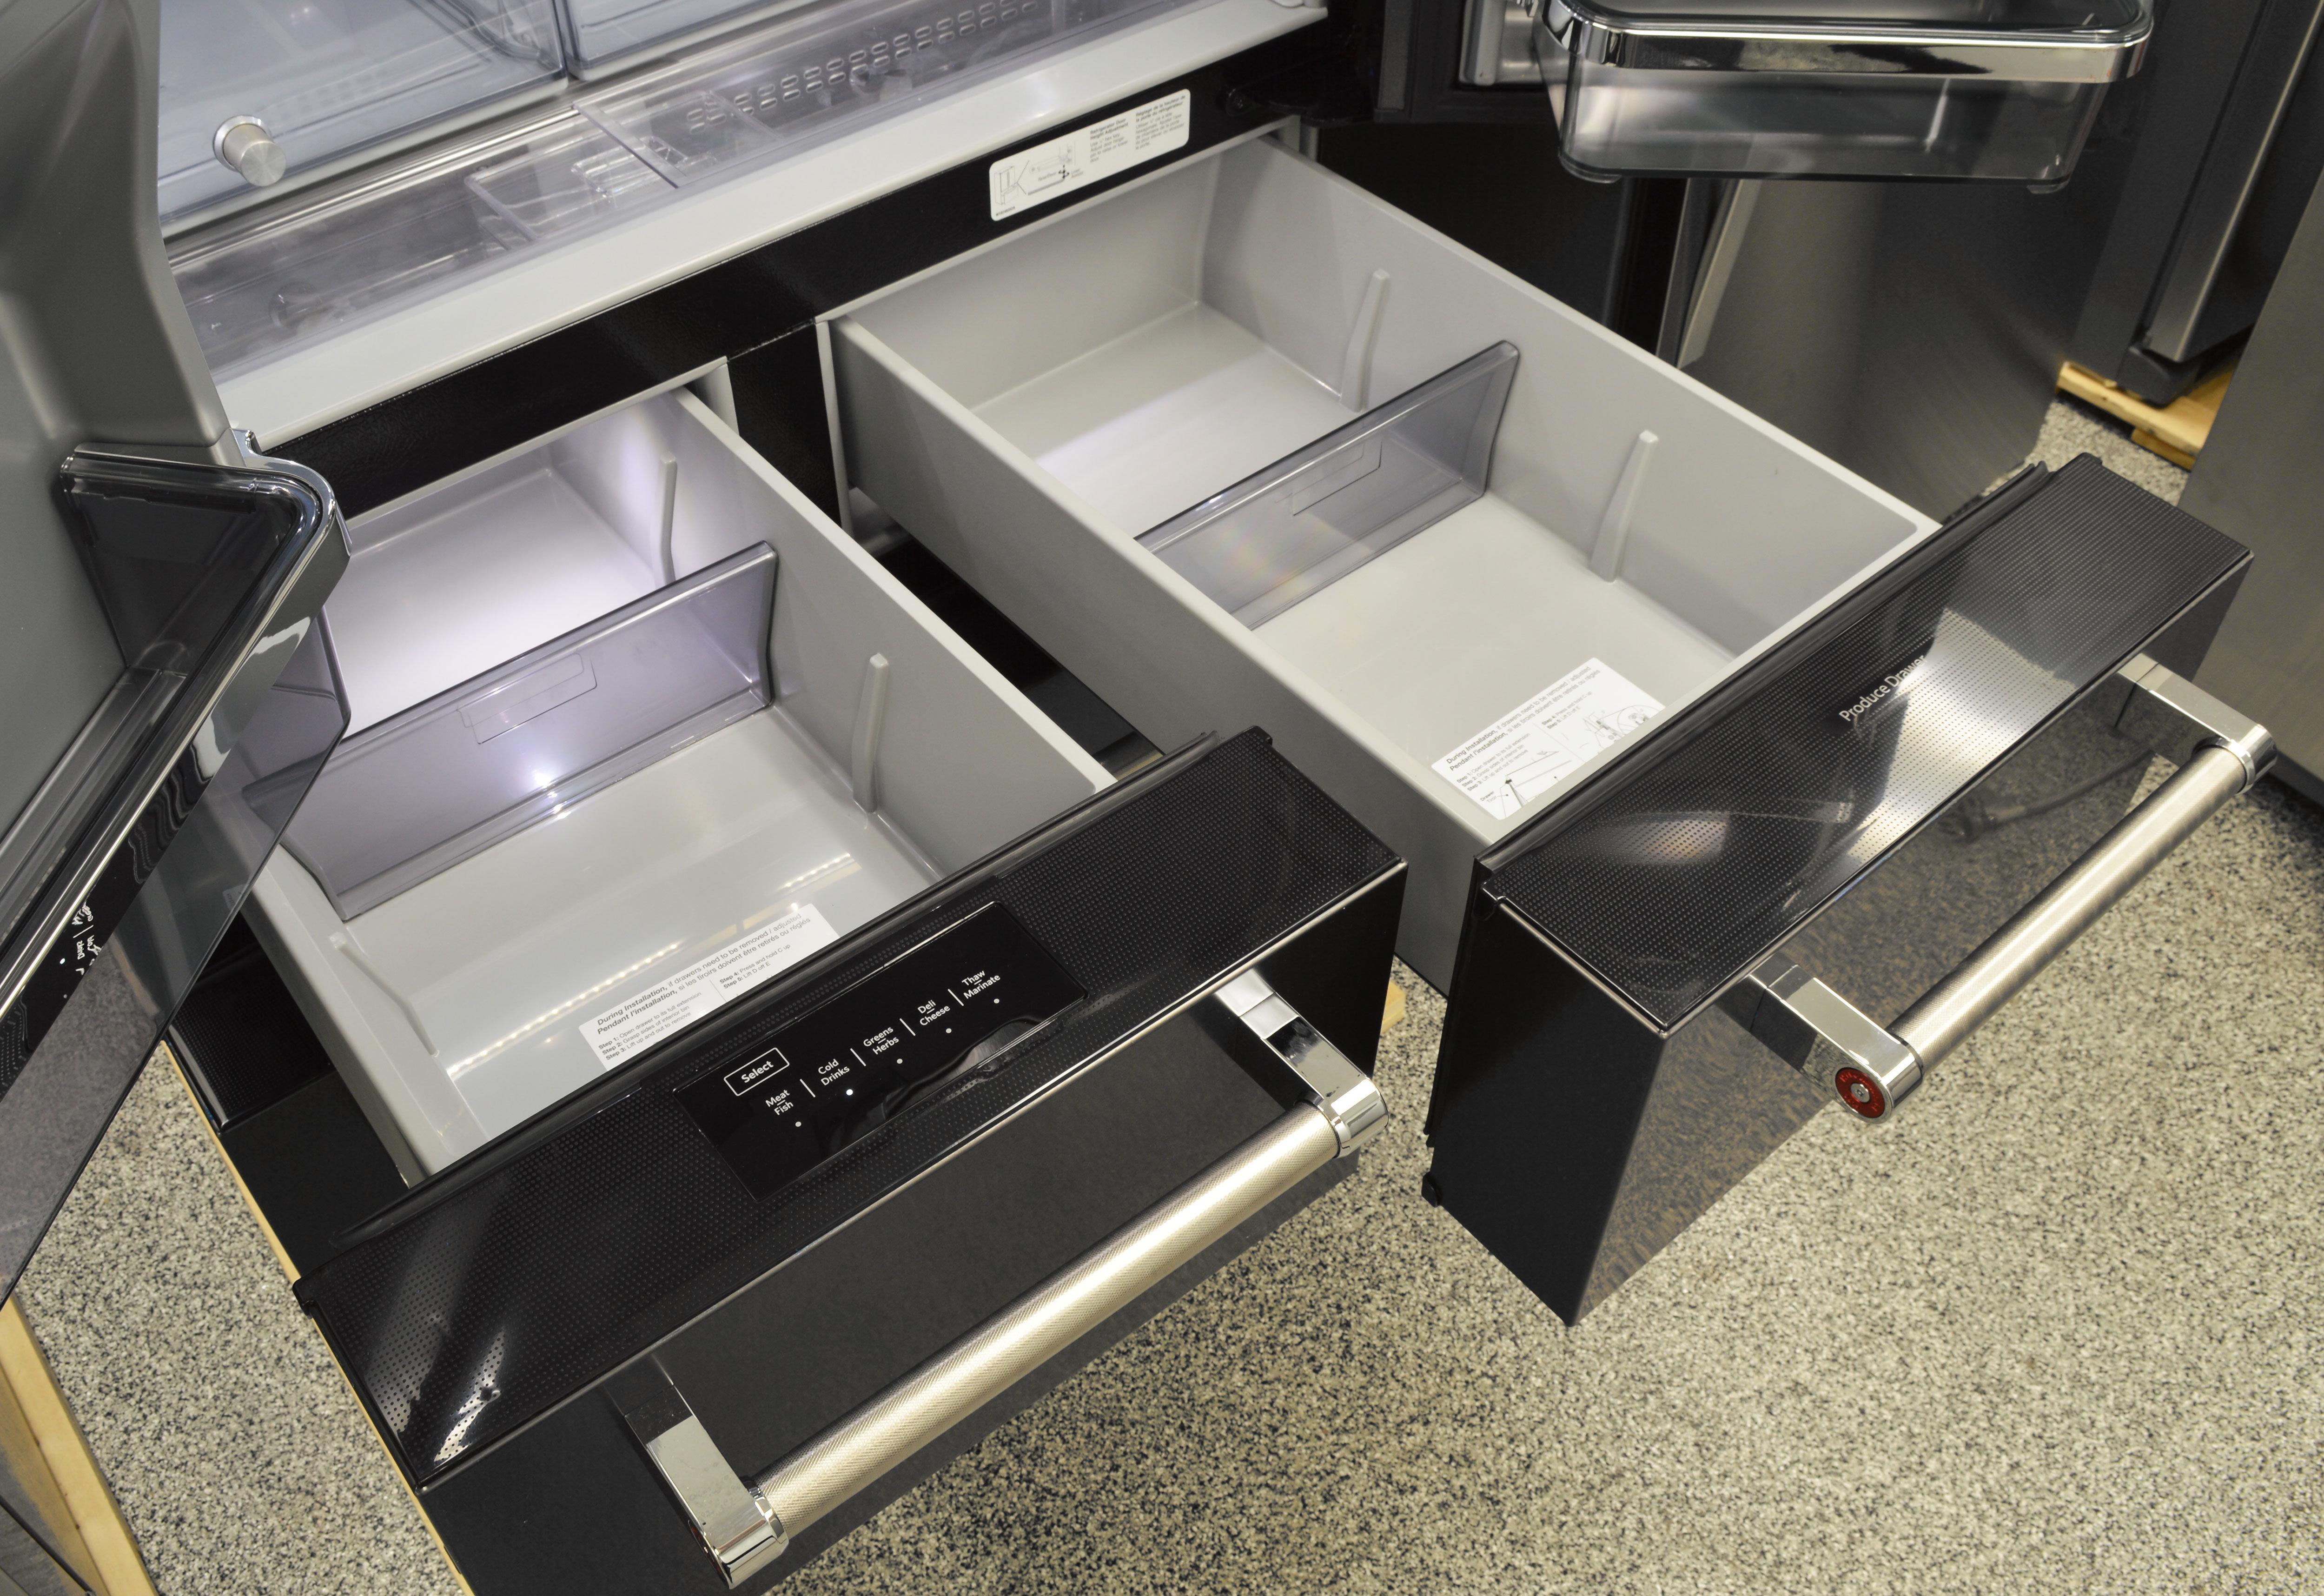 KitchenAid KRMF706EBS Refrigerator Review - Reviewed.com Refrigerators